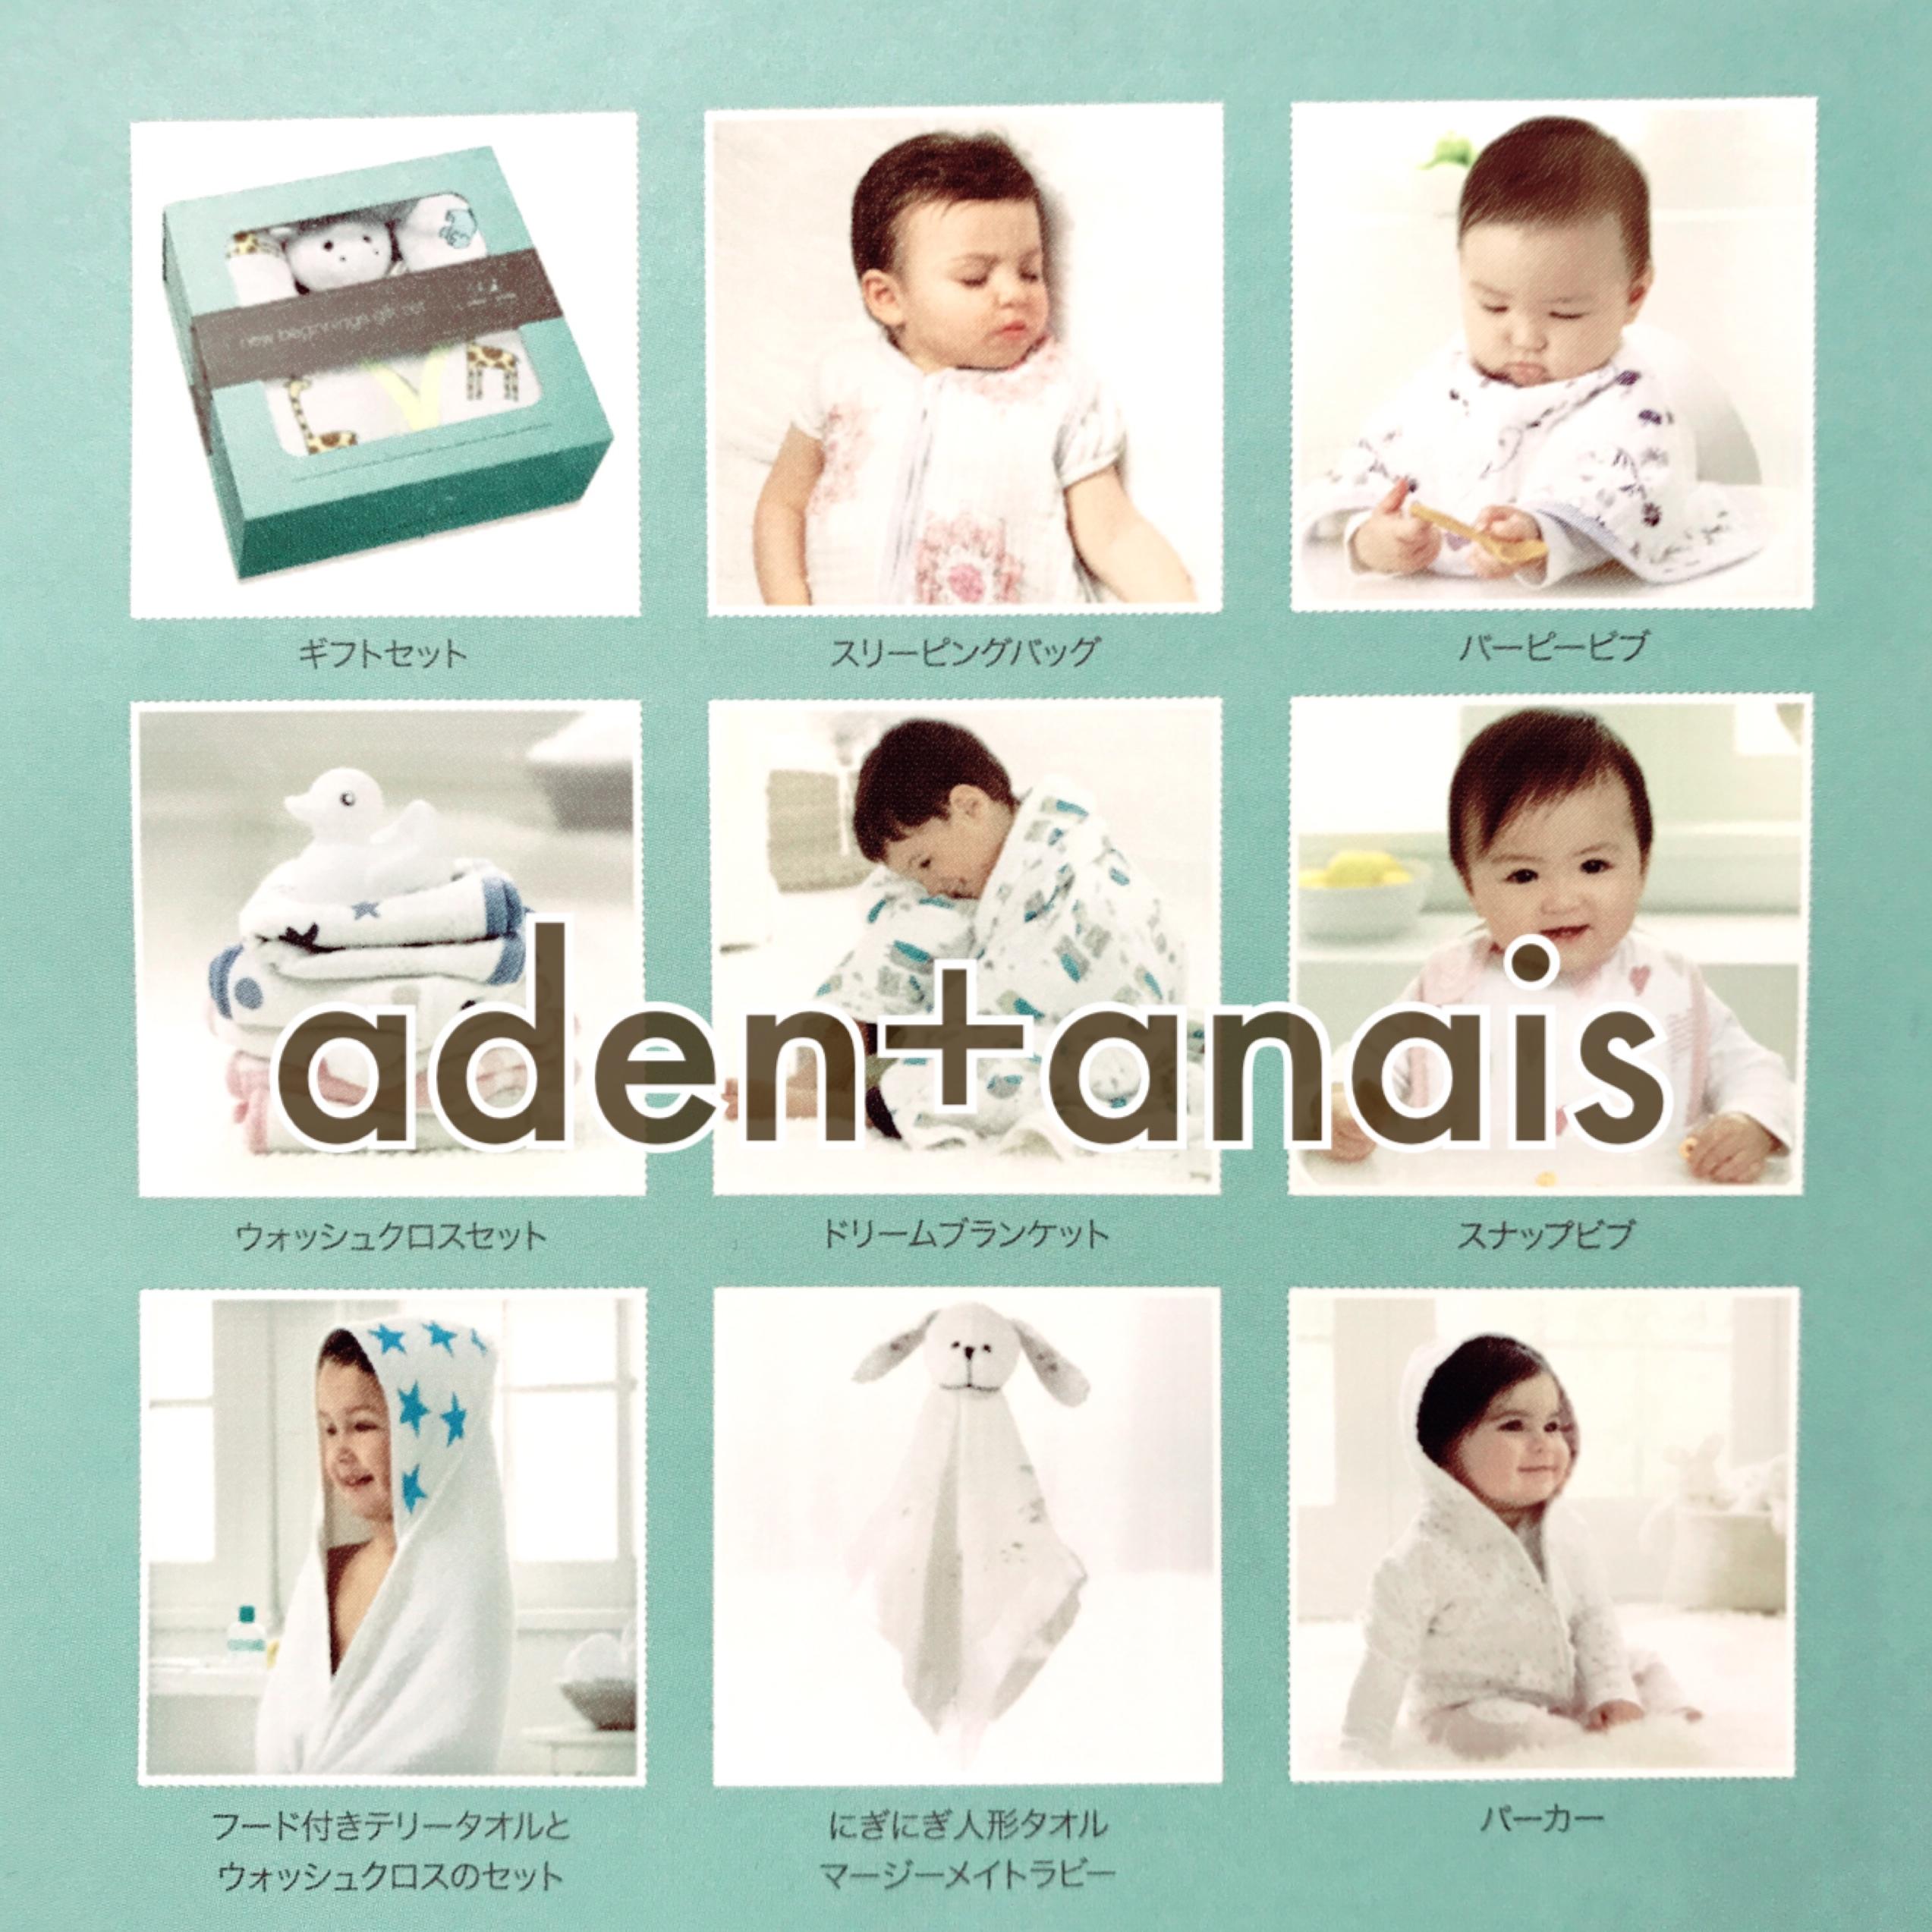 aden+anais<br>モスリンコットン製おくるみ